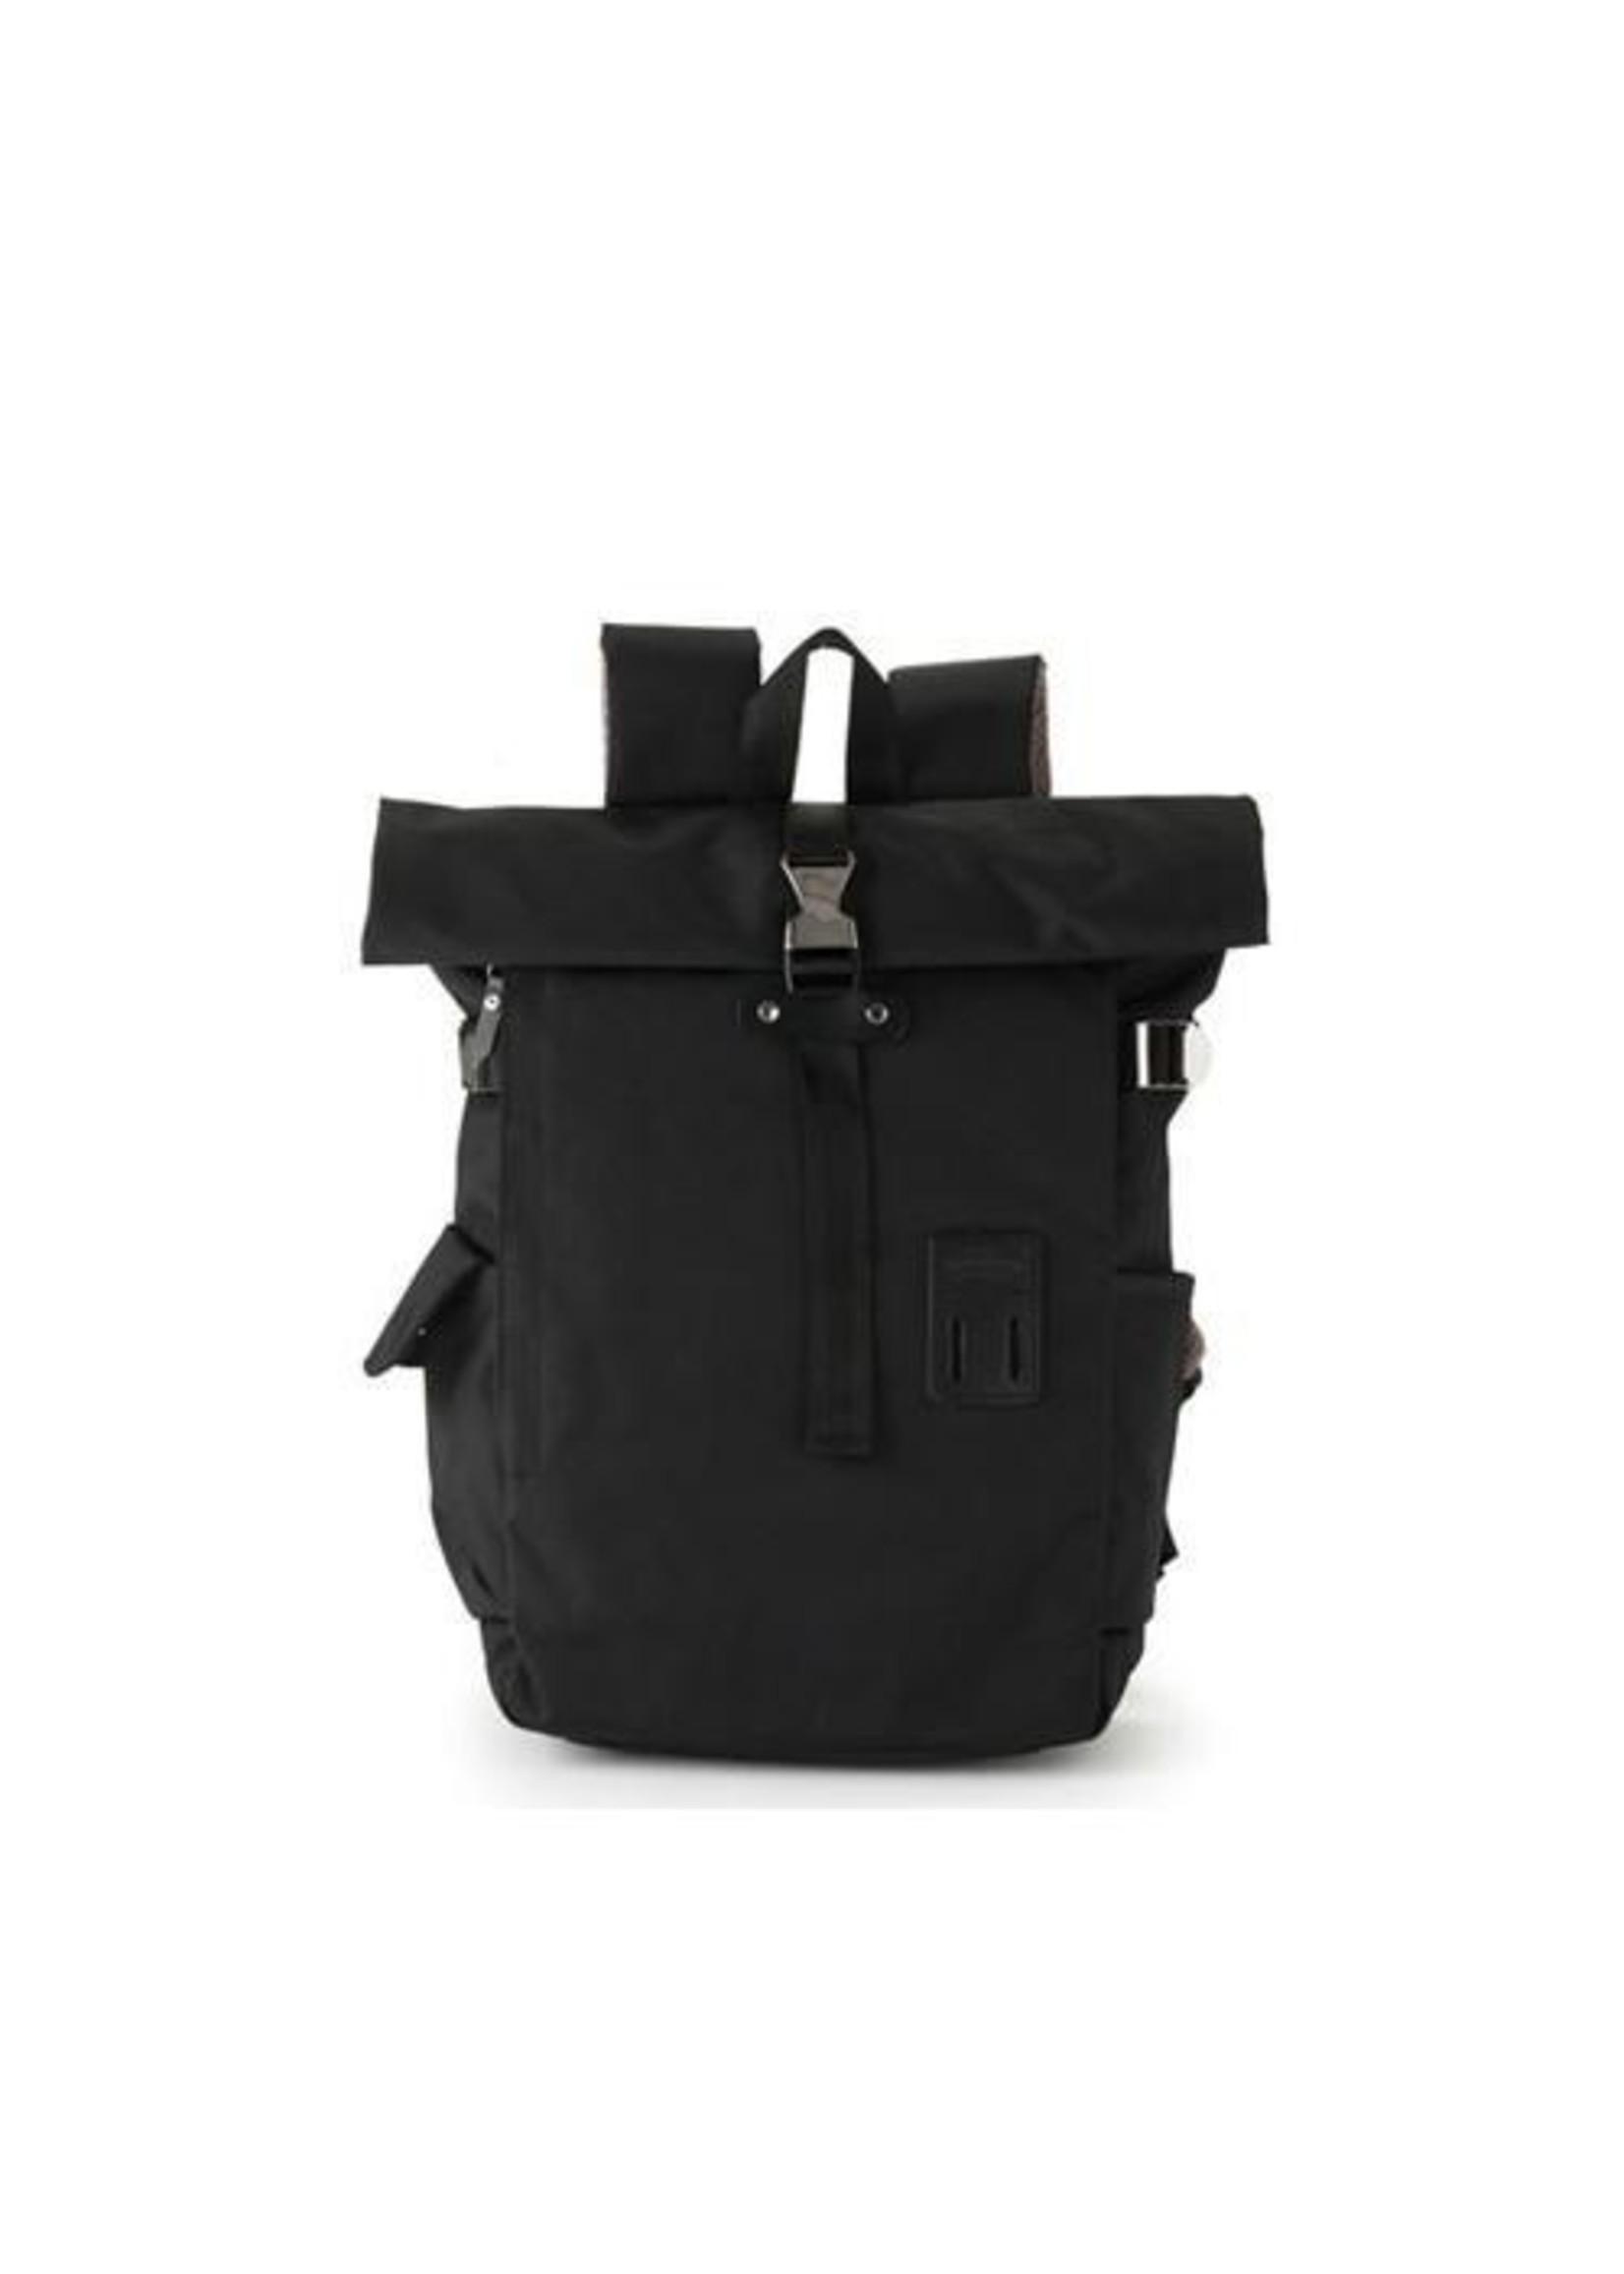 Rolltop Backpack 2.0 Black